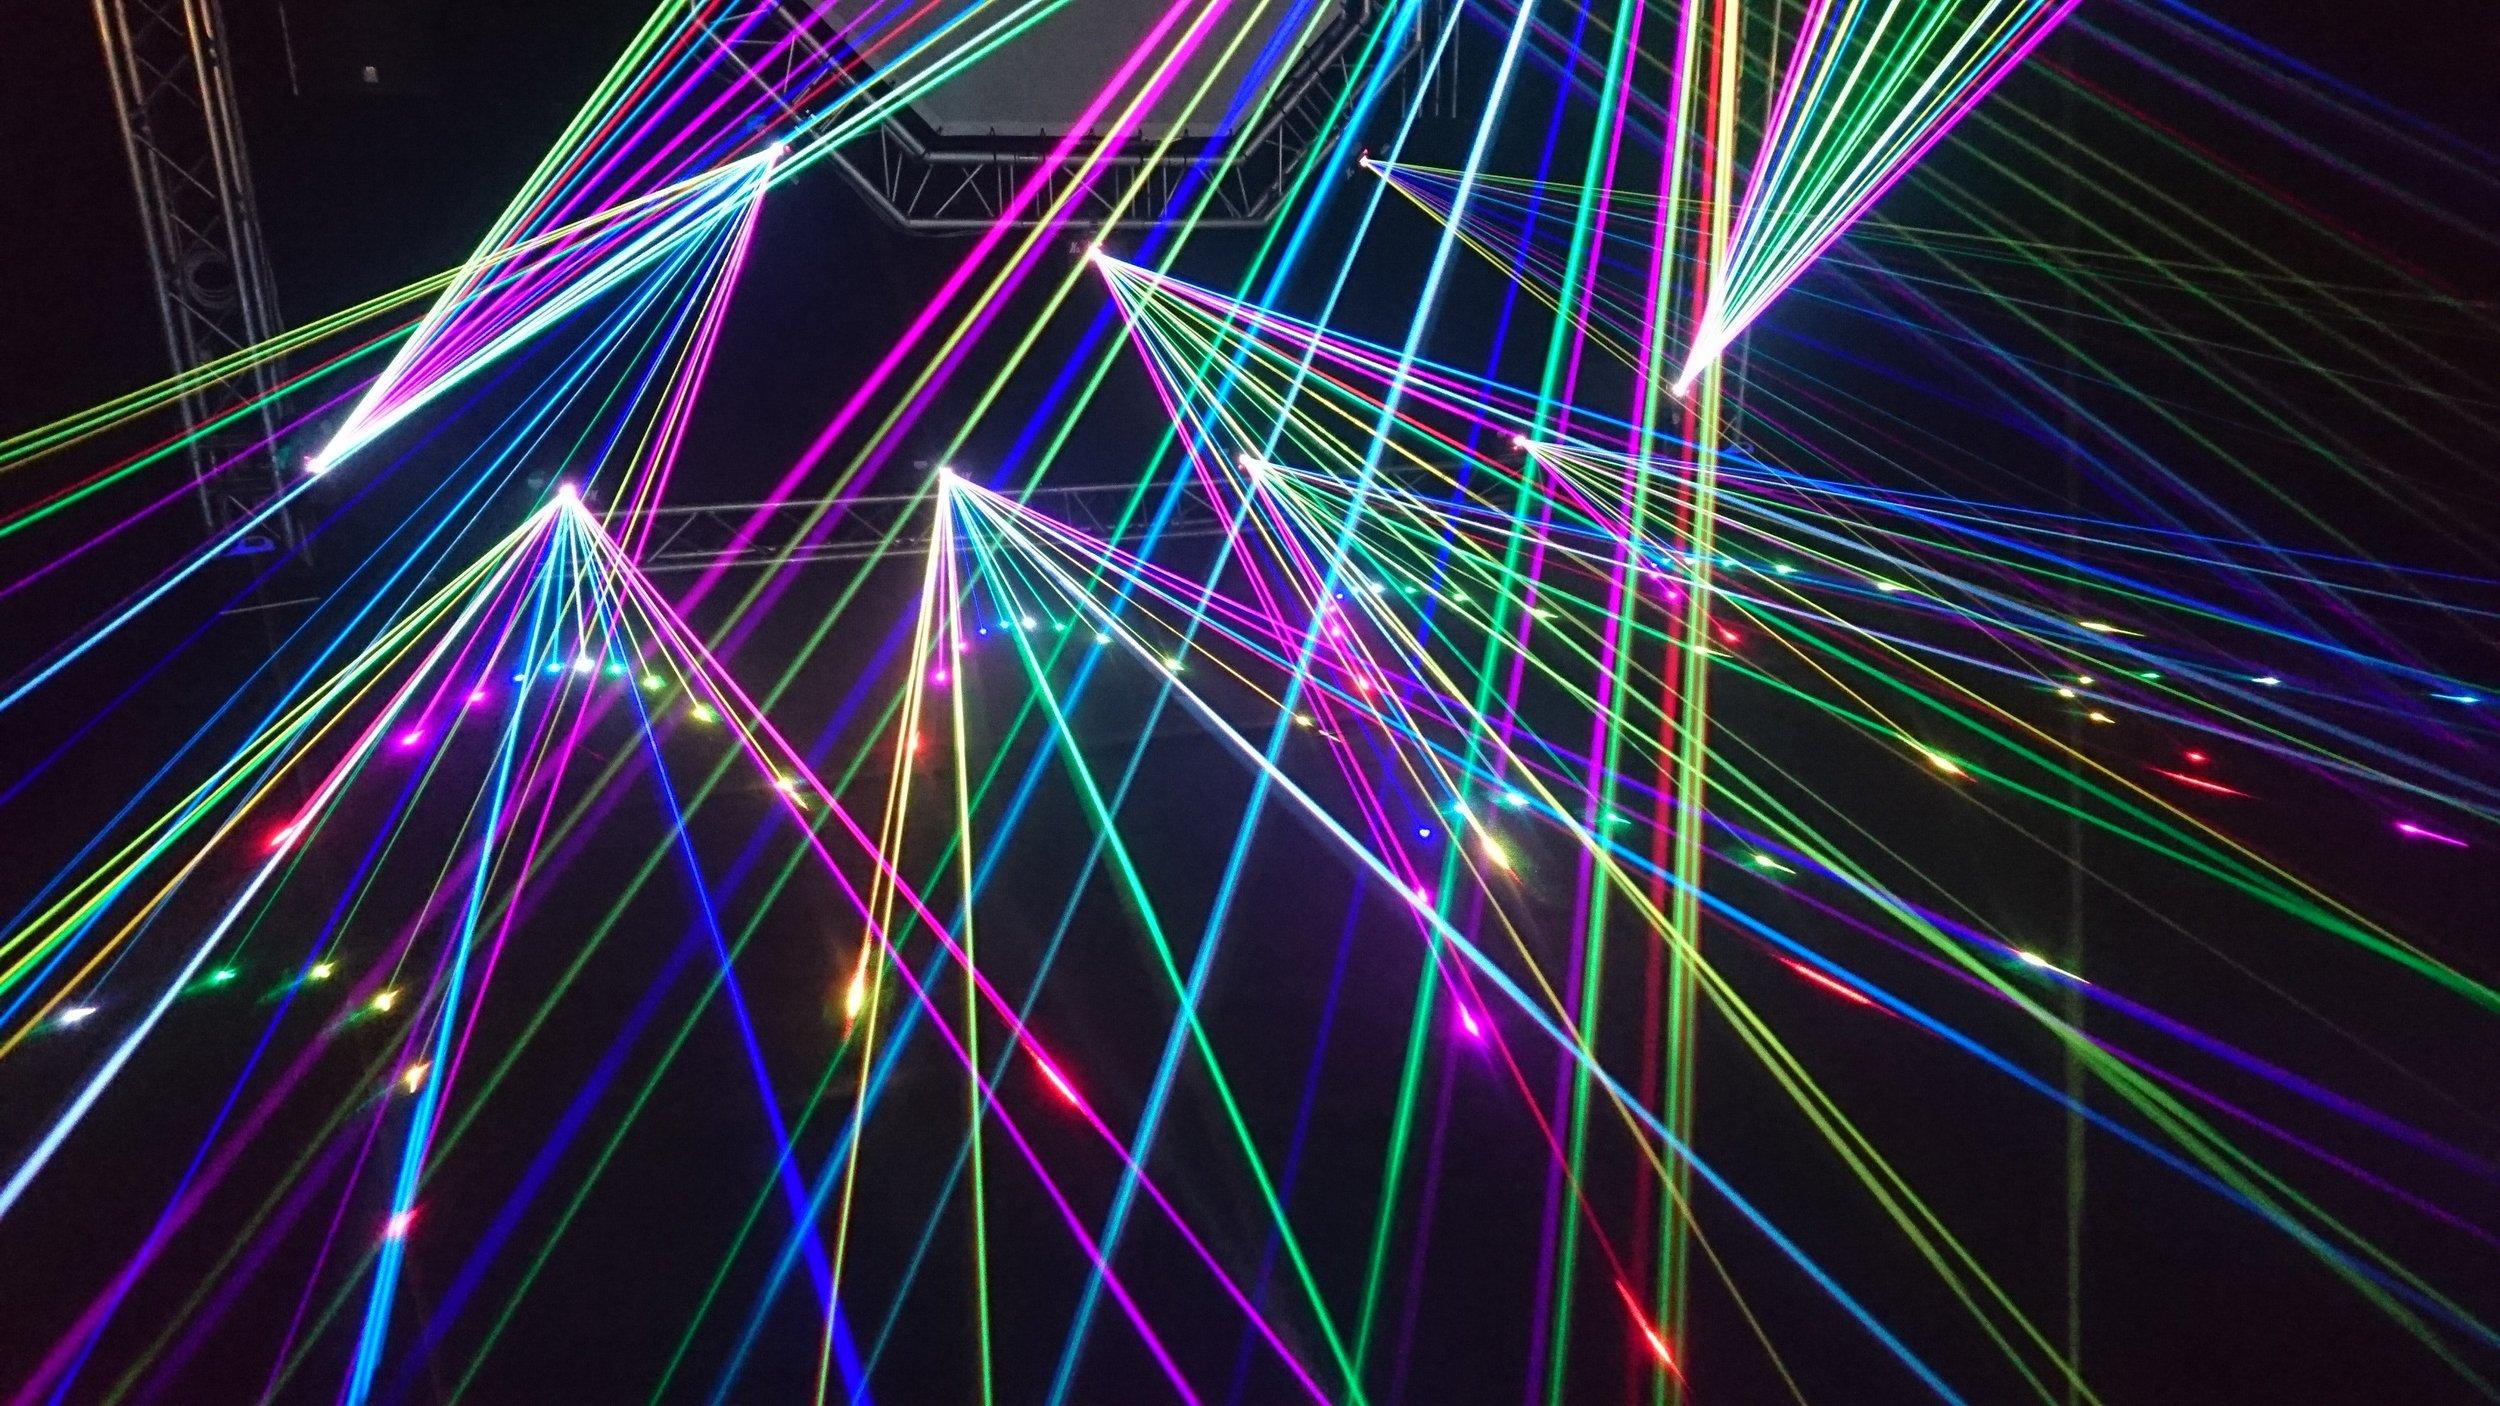 abstract-art-blur-417458.jpg